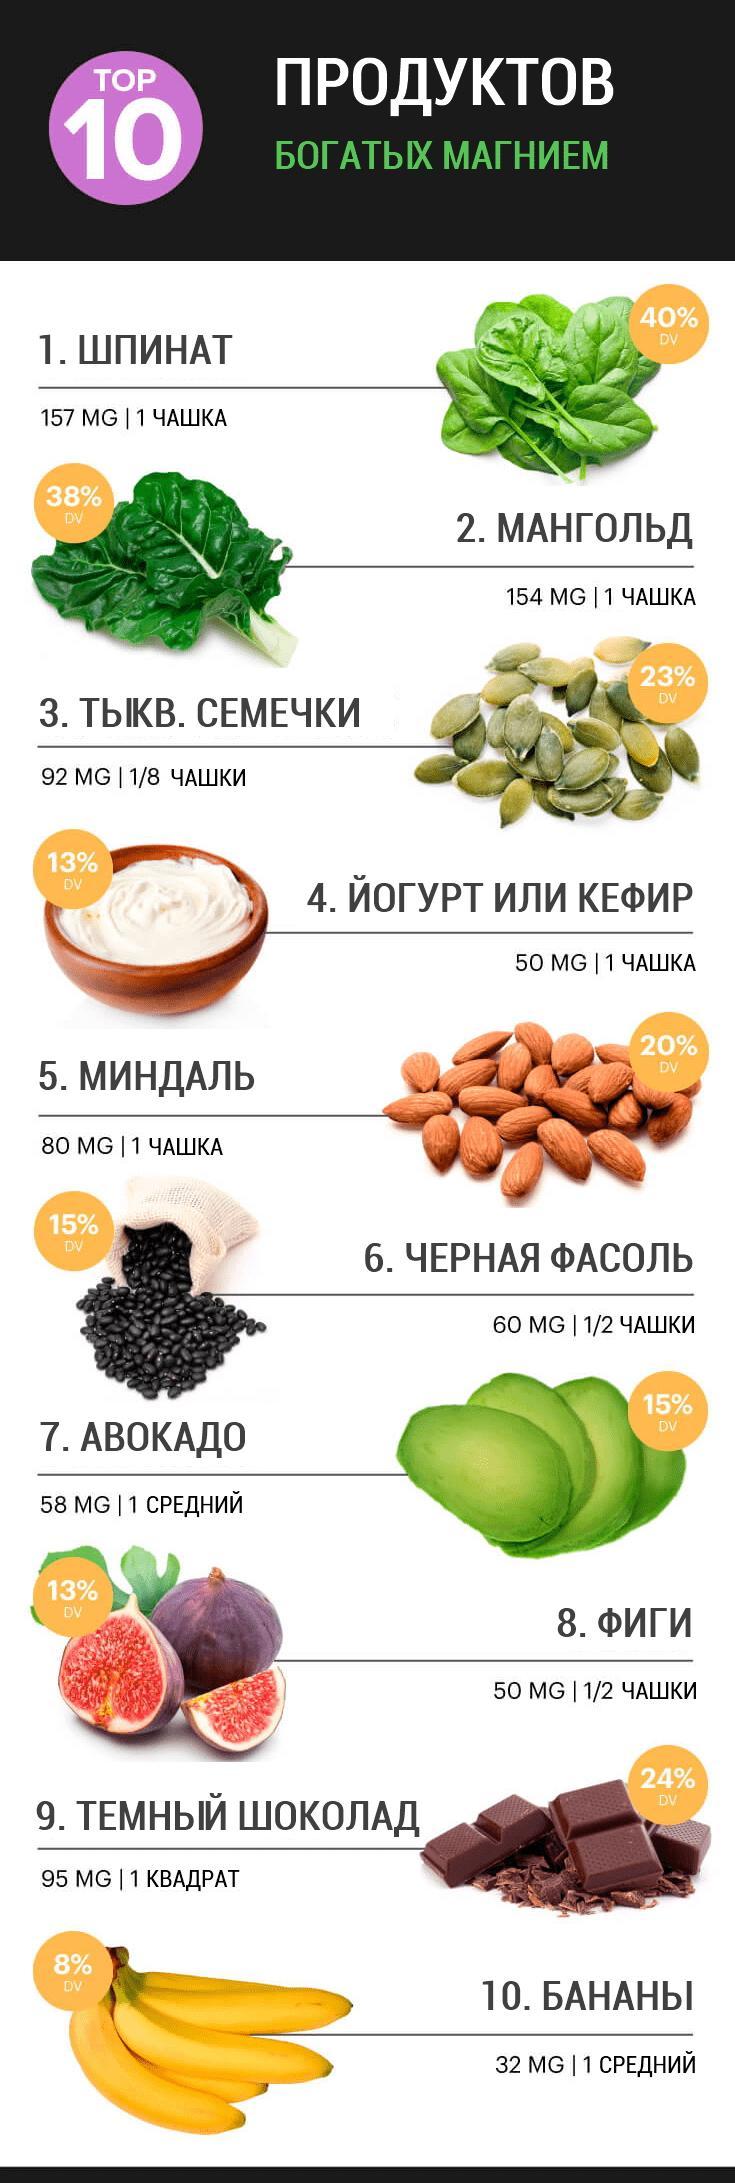 Топ-10 продуктов богатых магнием: доказанная значимость